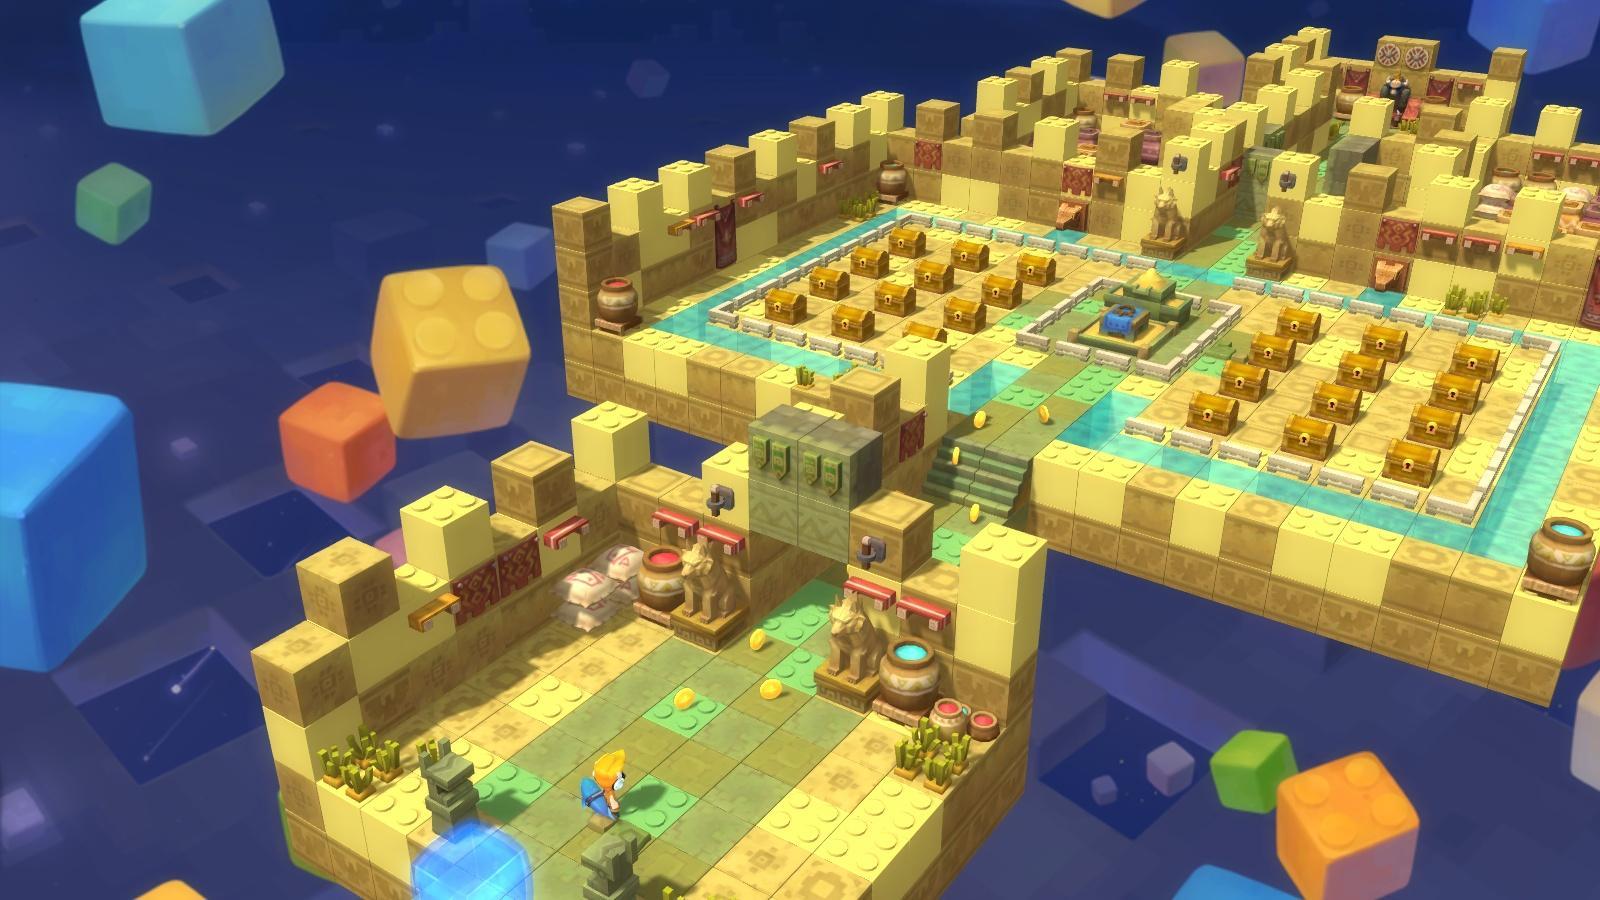 沙盒冒险游戏手游 沙盒冒险游戏推荐